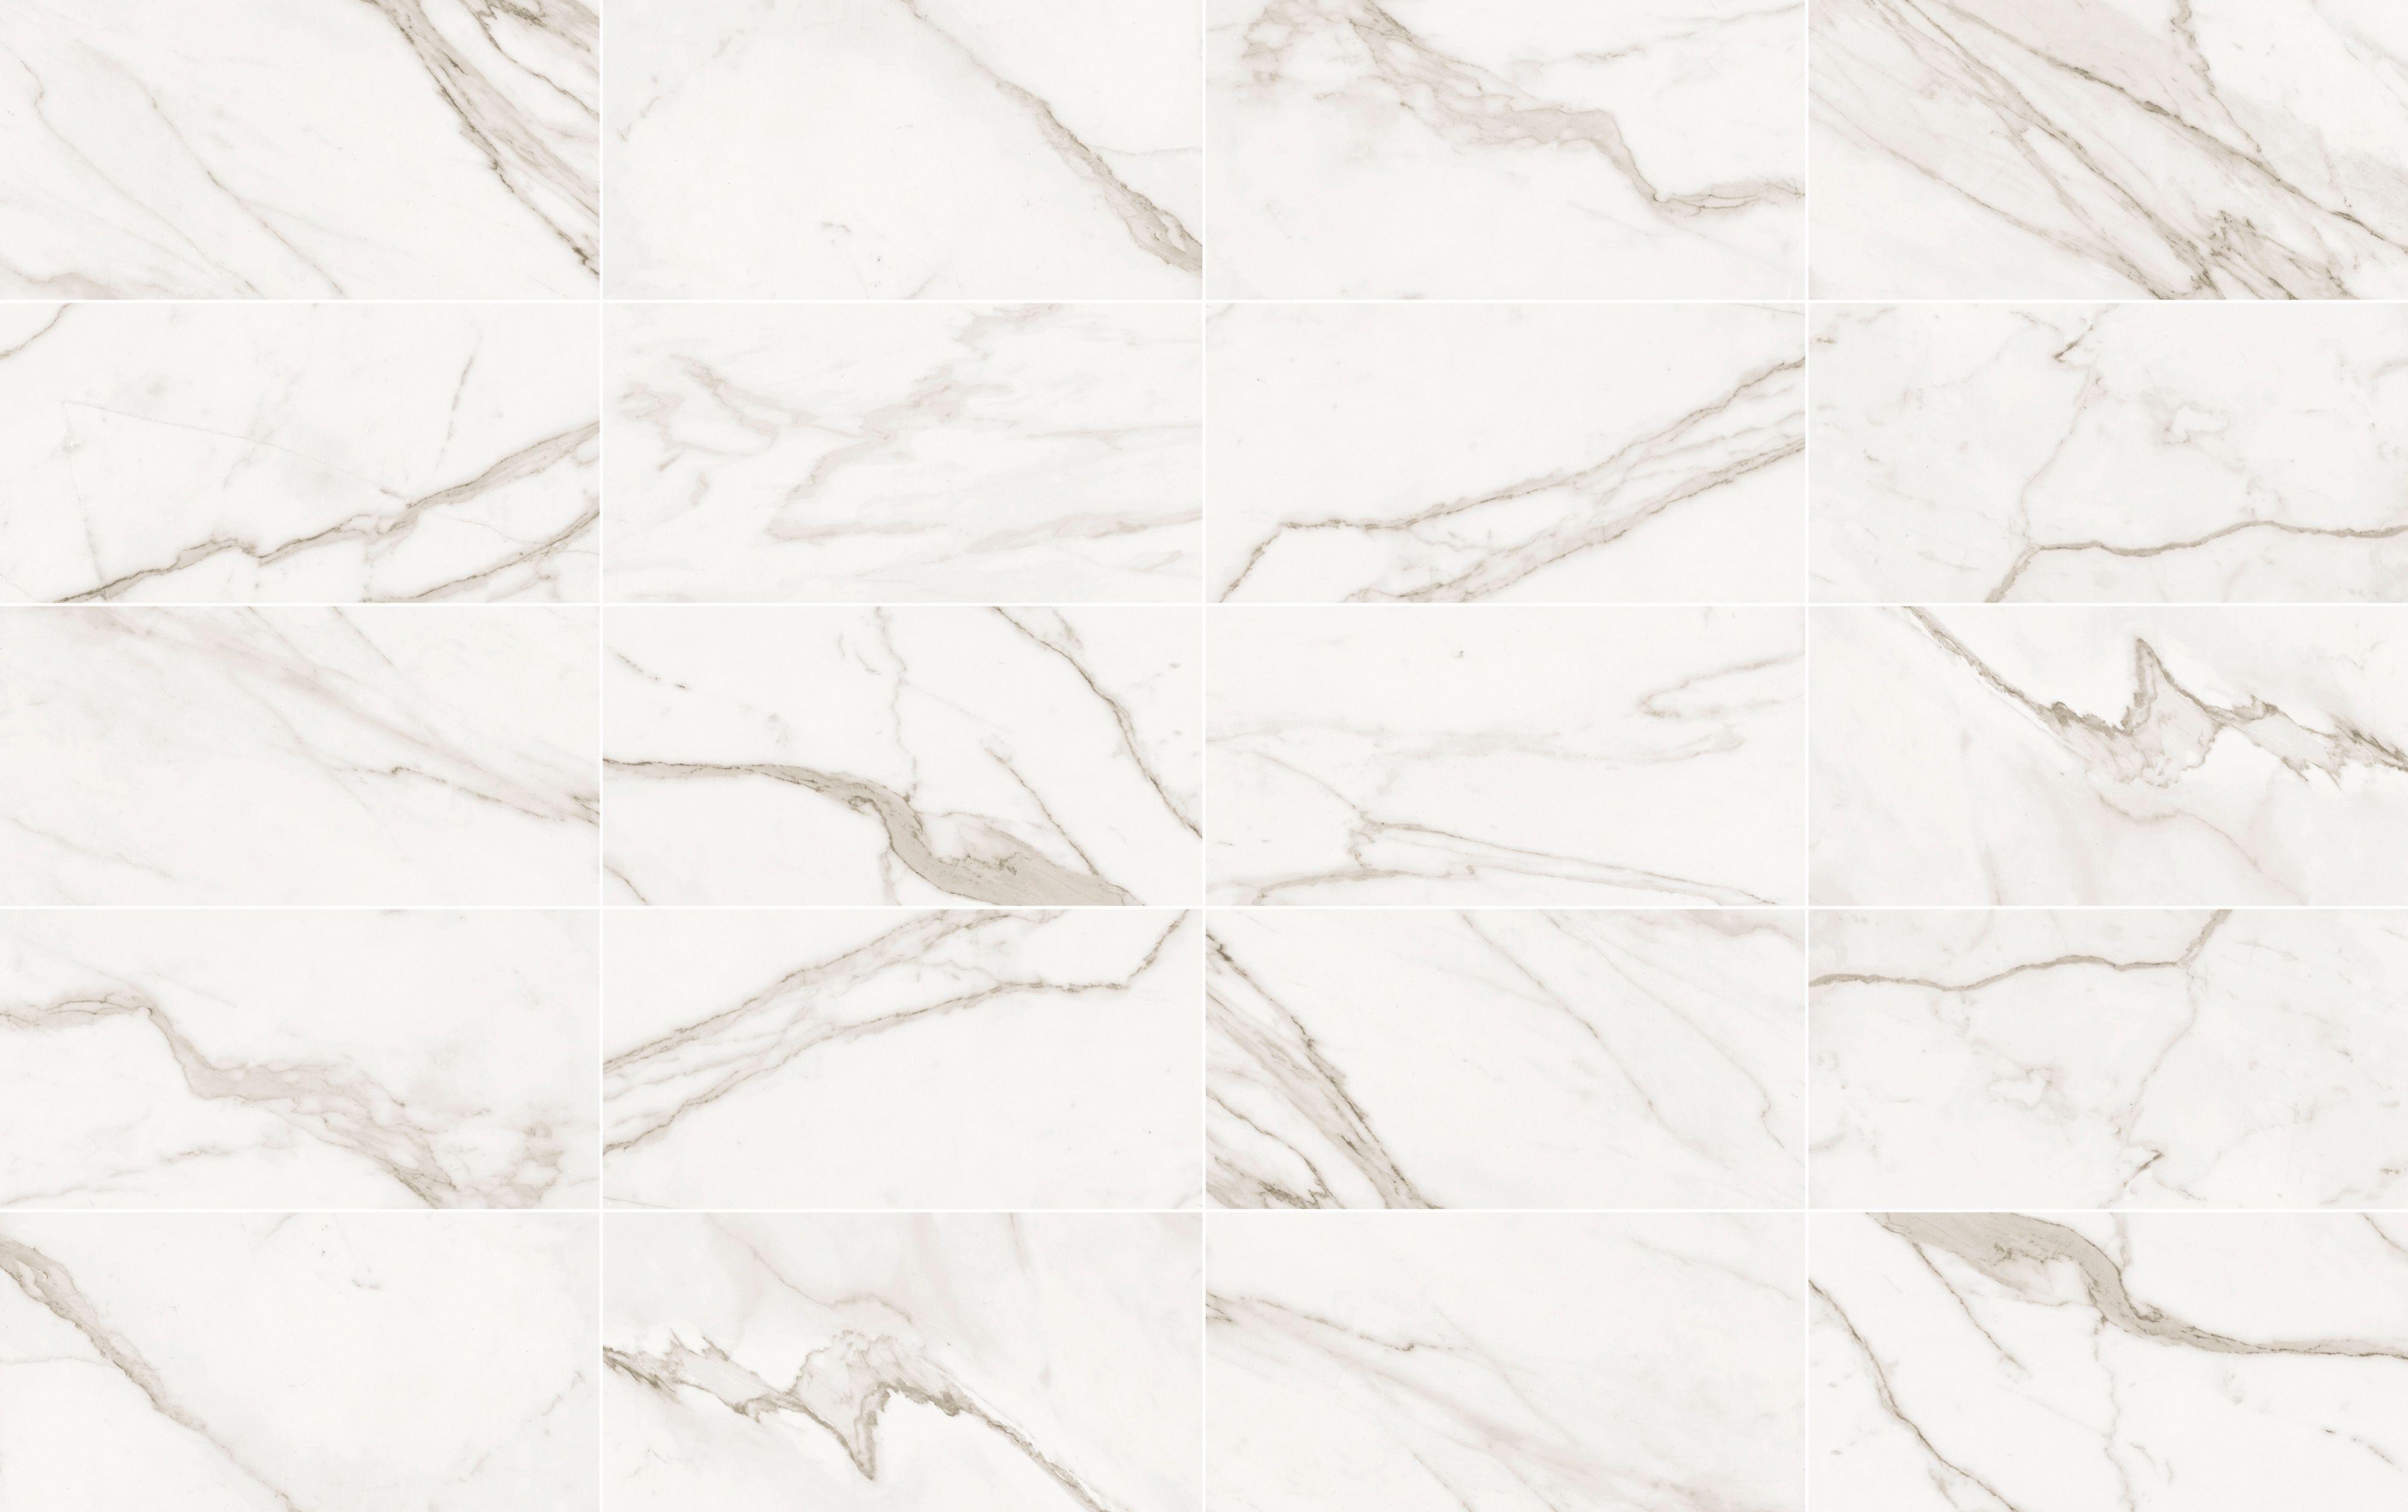 12x24 Wall Tiles In Calacatta Calacatta Precious Marble Tiles